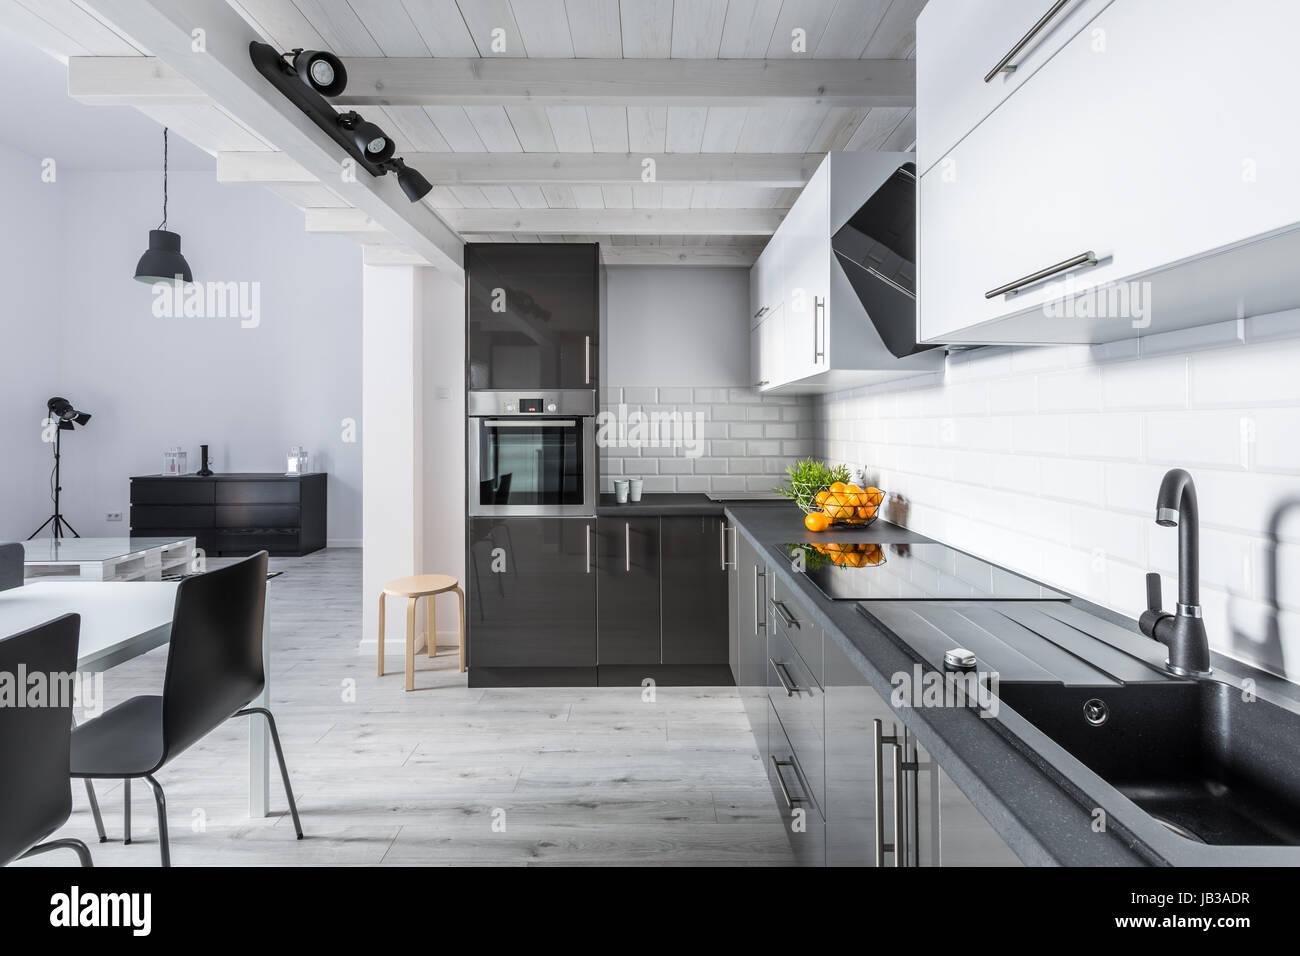 Moderno bianco e nero cucina rustica con soffitto in mattoni e